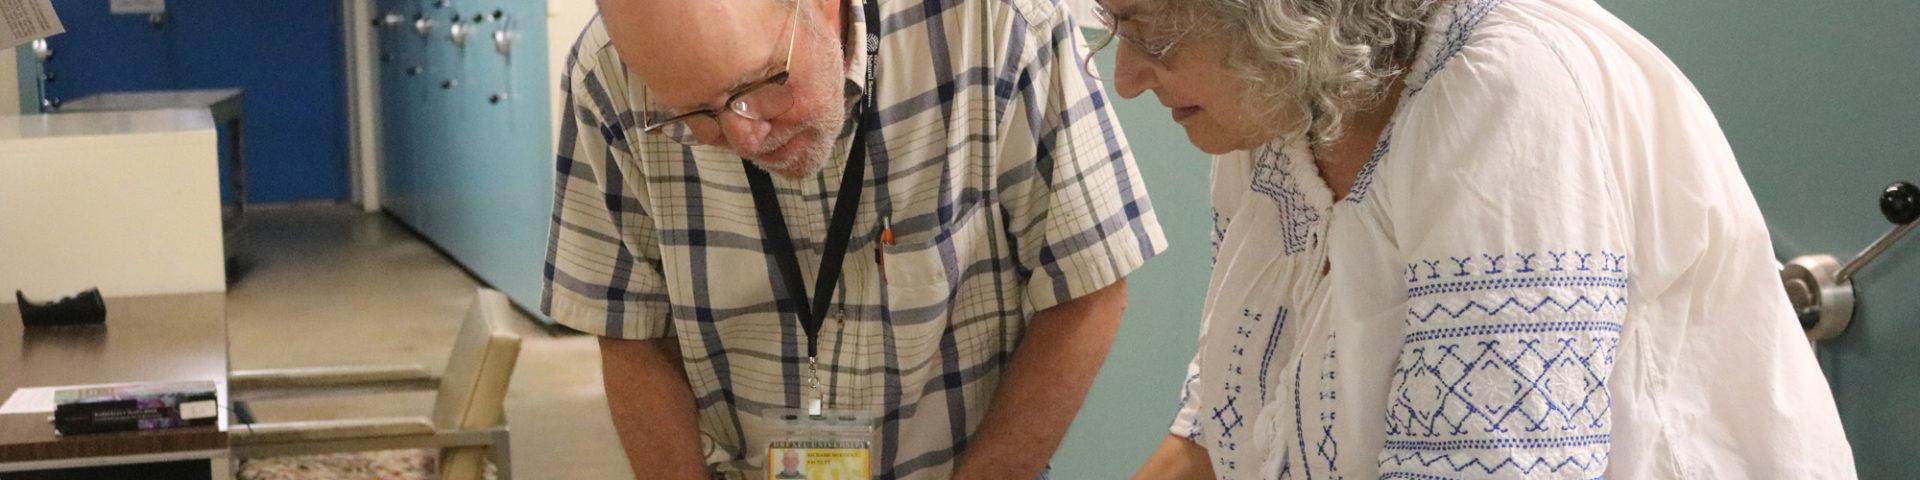 botanists examine herbarium specimen